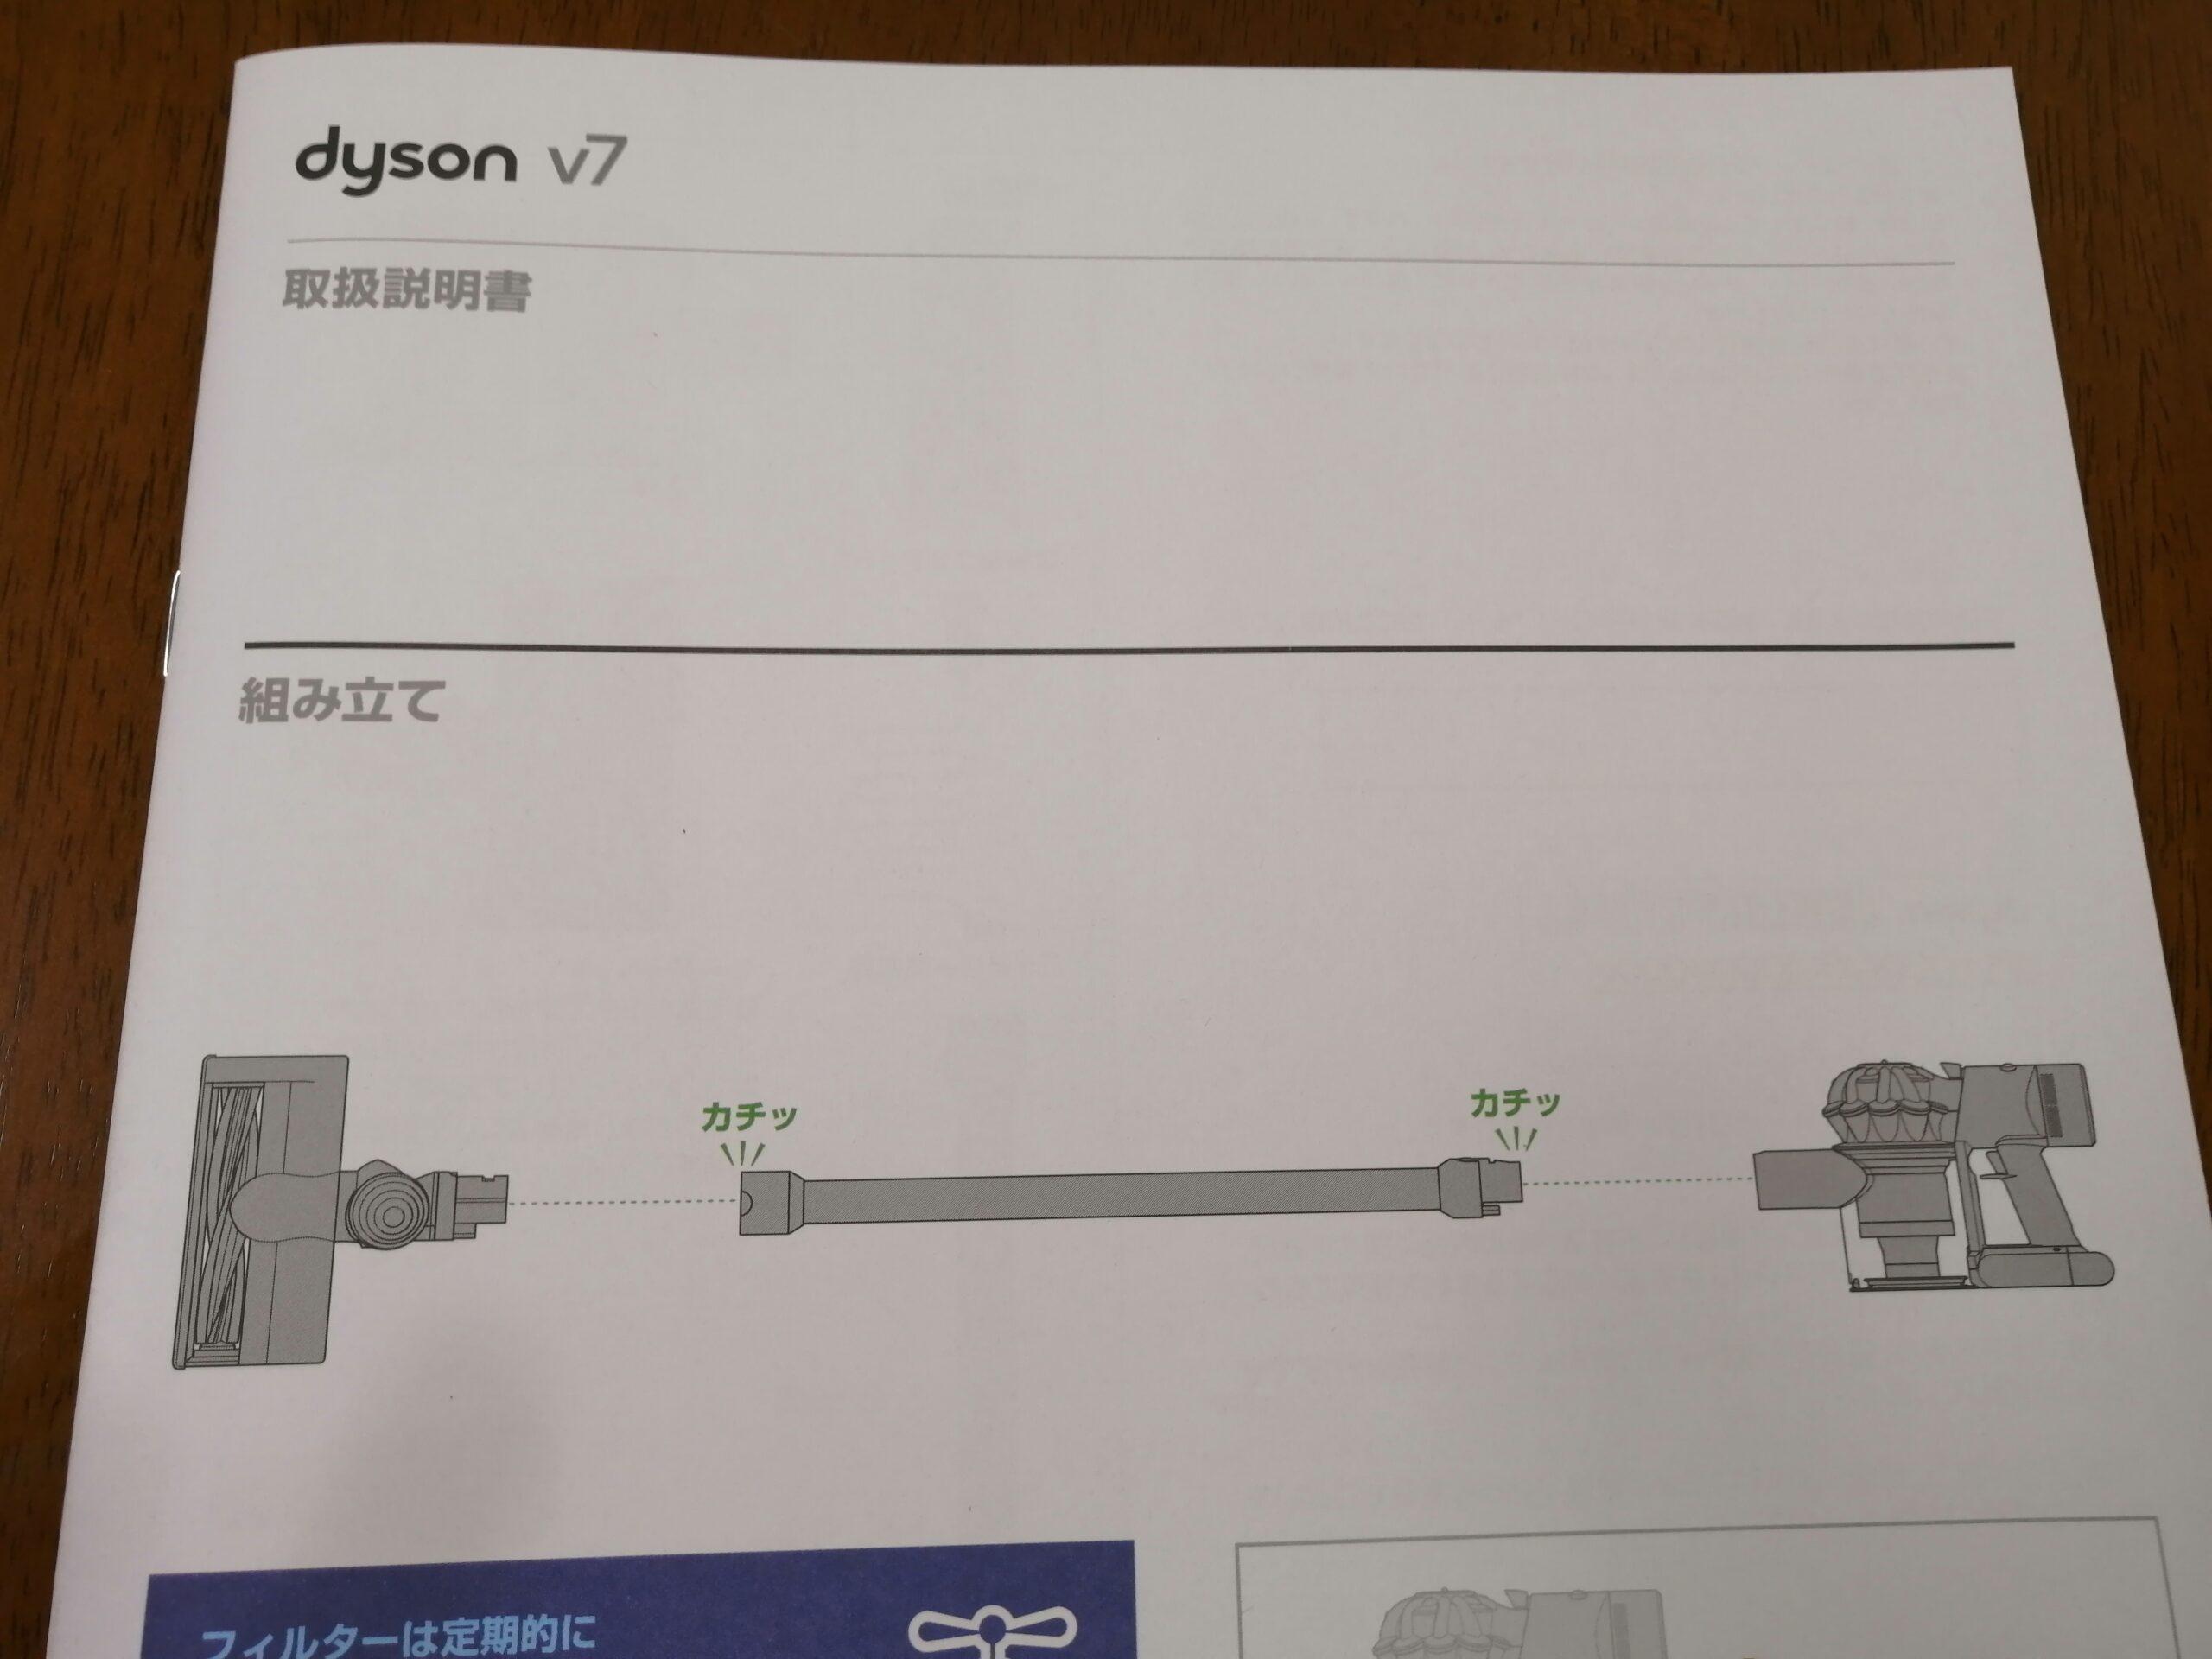 ダイソンコードレス掃除機説明書